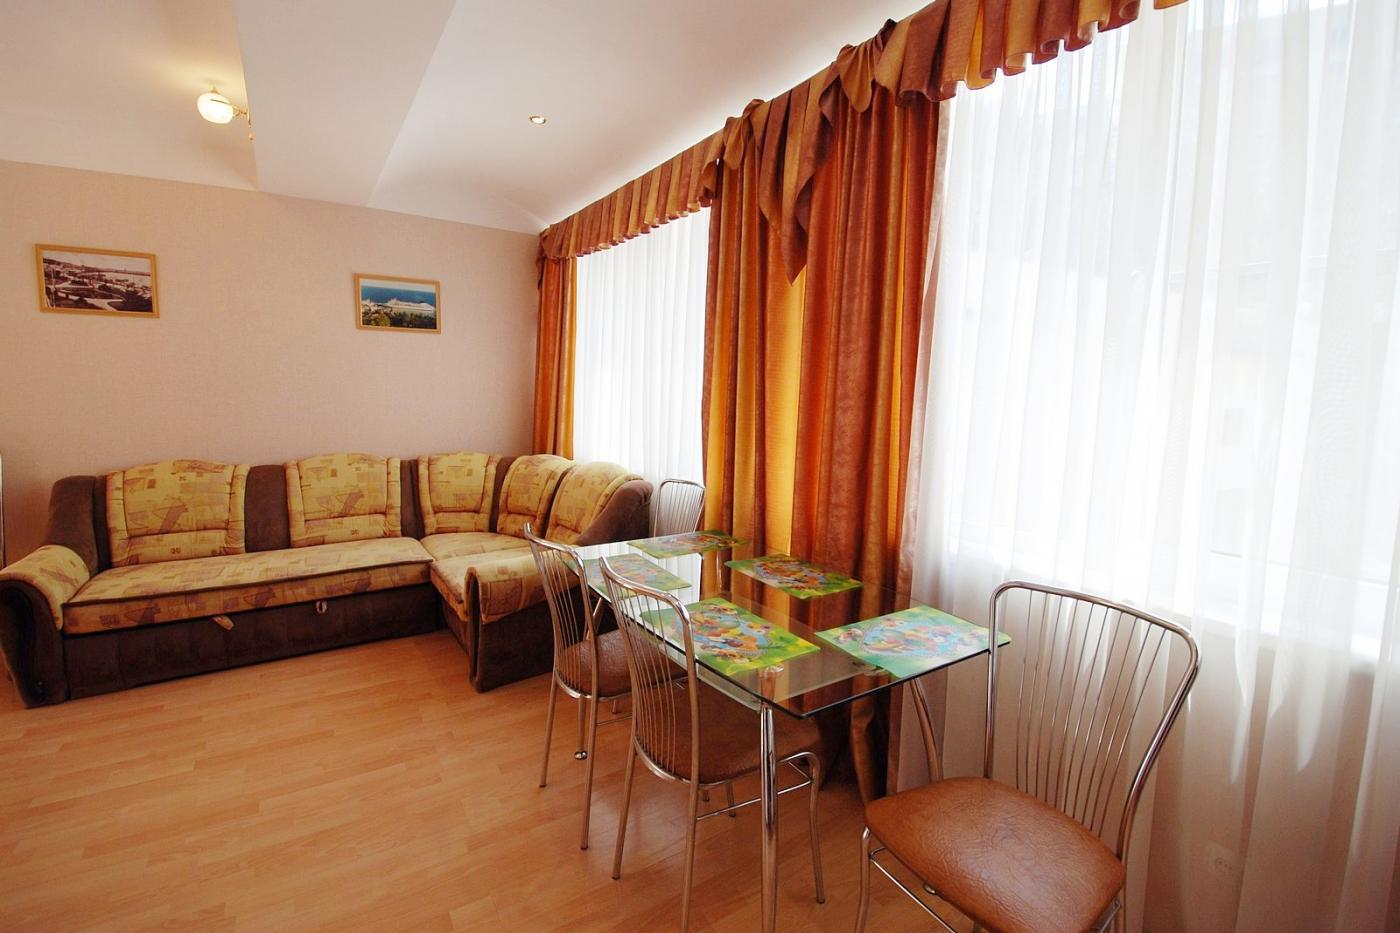 2-комнатный Коттедж посуточно (вариант № 1188), ул. Щербака улица, фото № 2